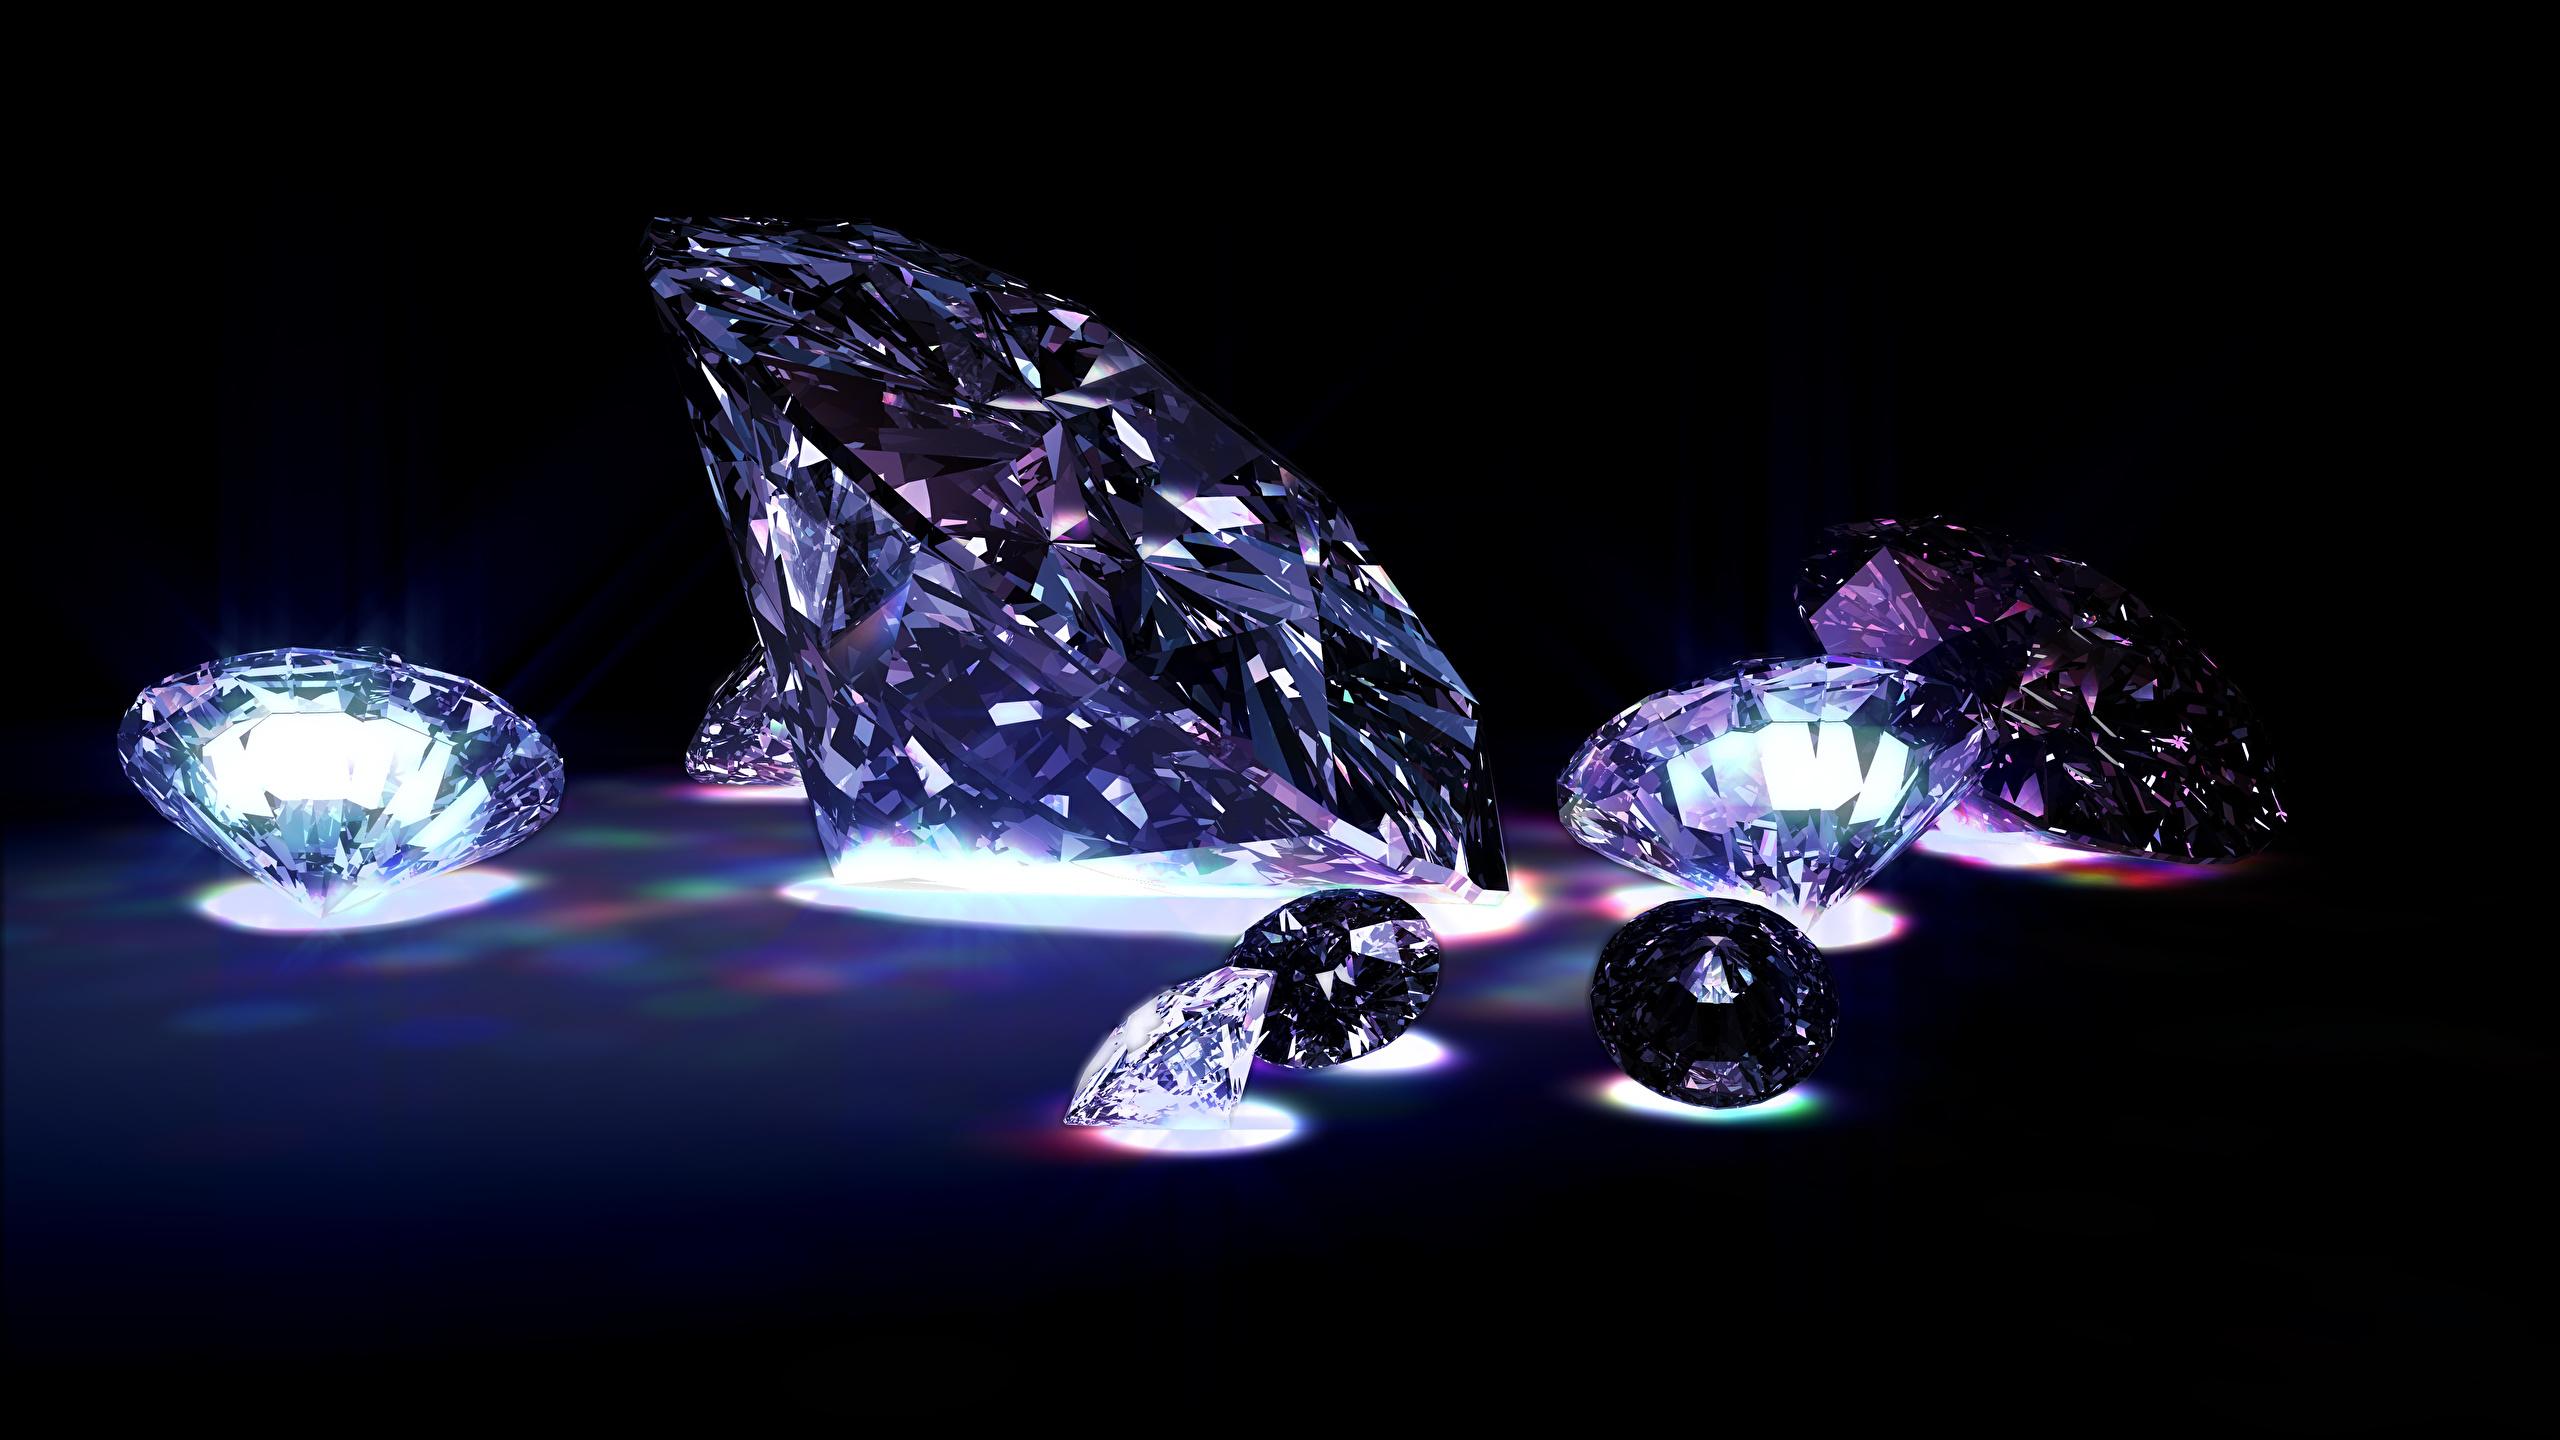 Фотографии Бриллиант на черном фоне 2560x1440 алмаз обработанный Черный фон